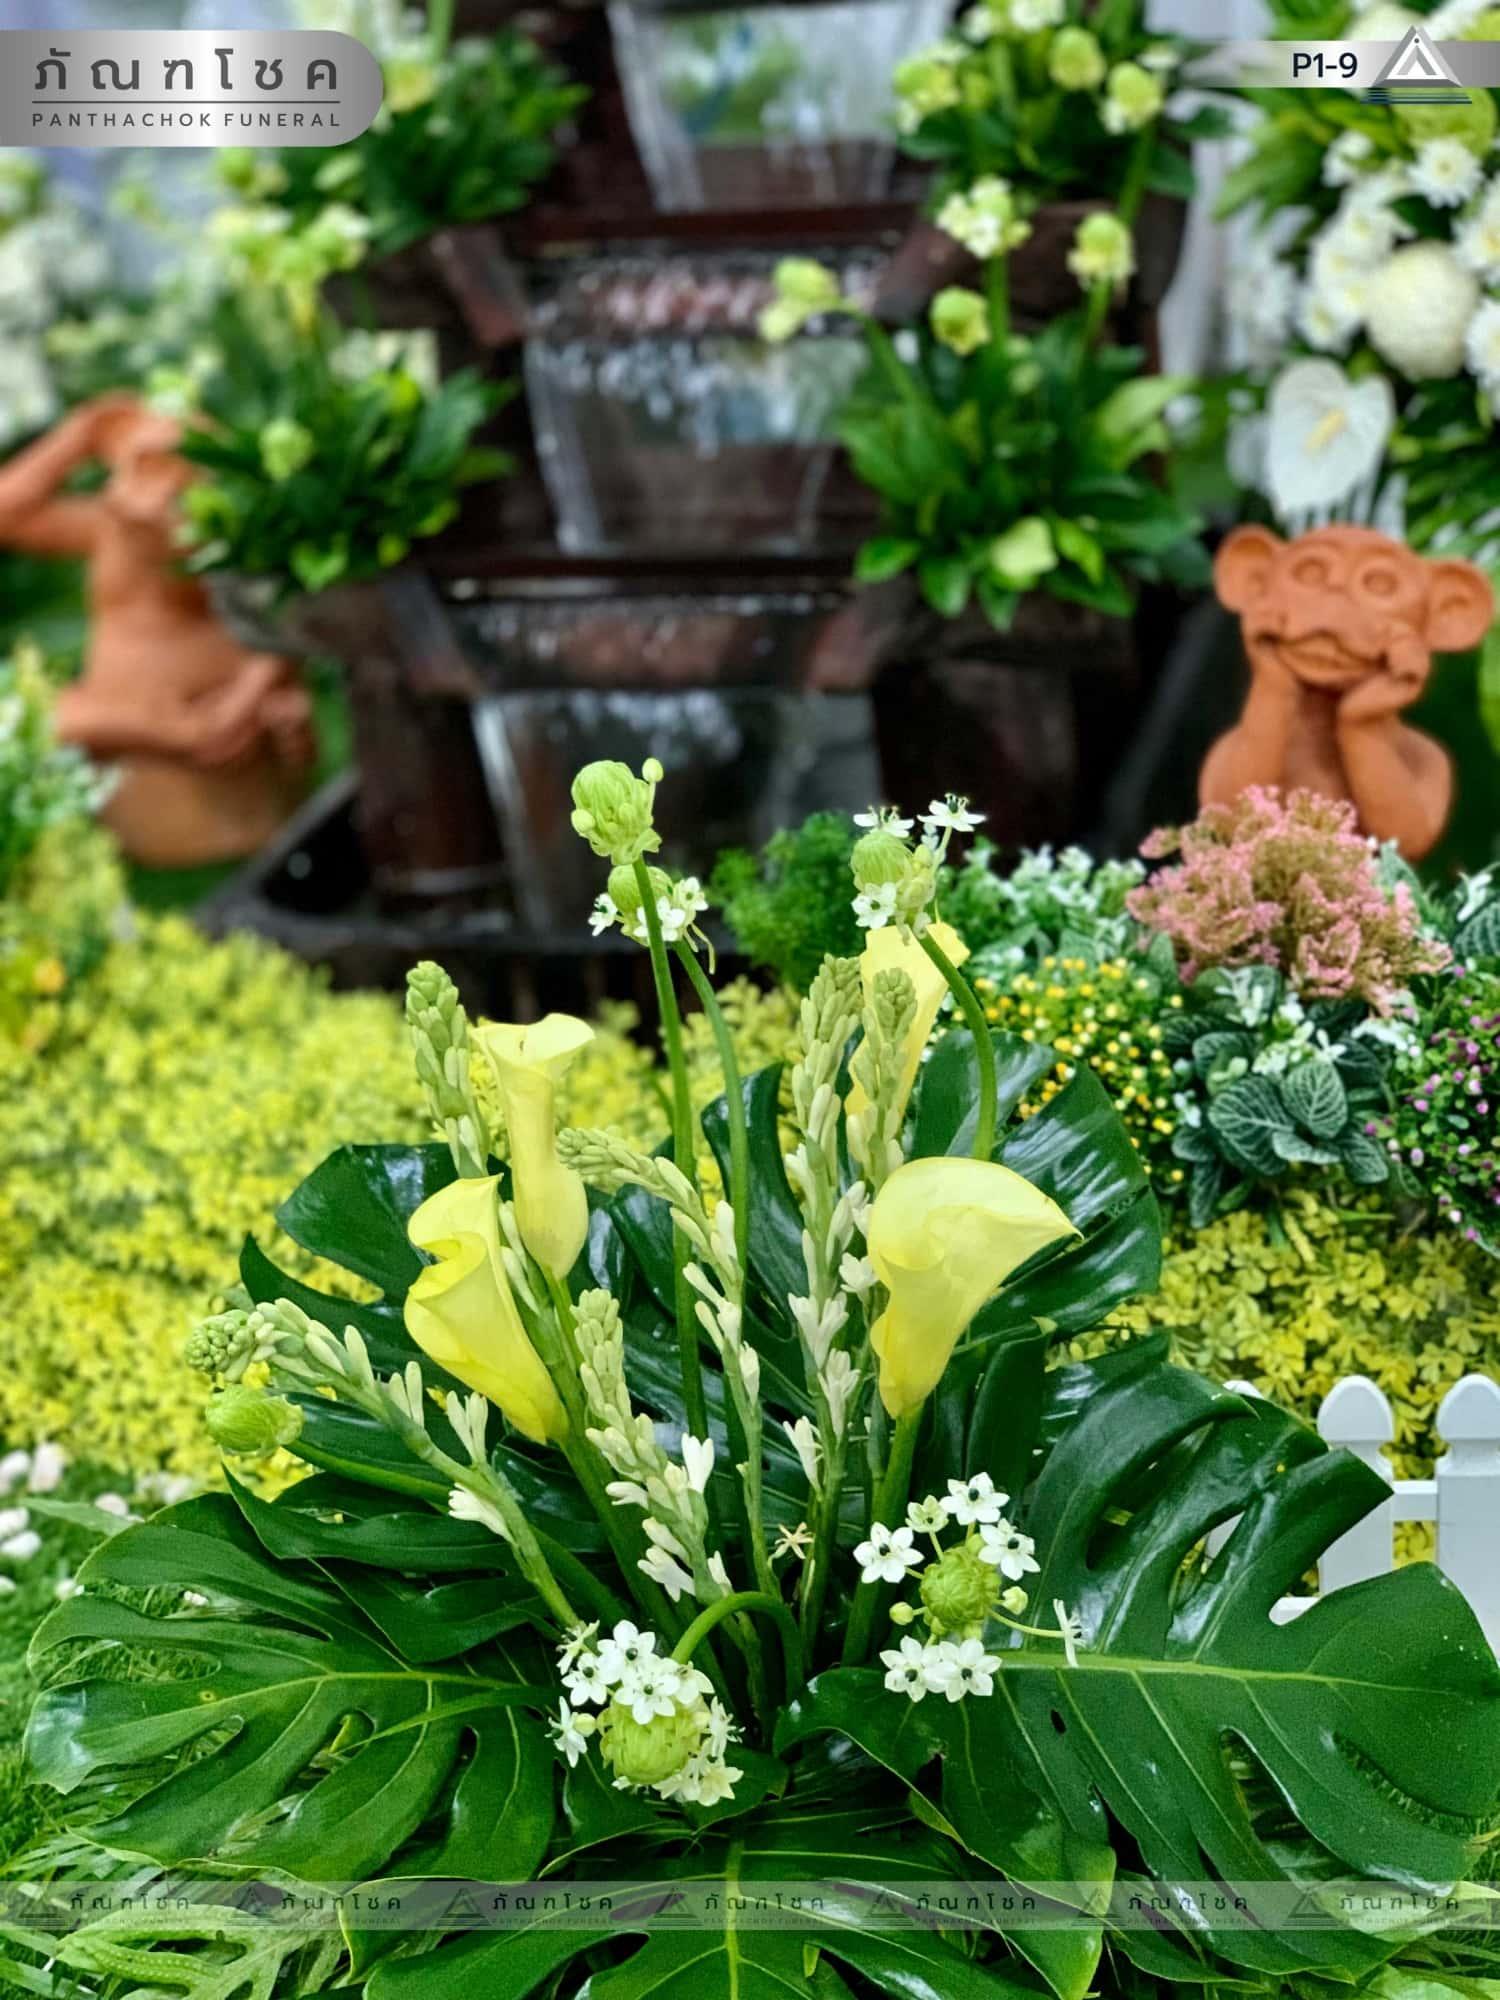 ดอกไม้หน้าศพ-ชุด-p1-9 51